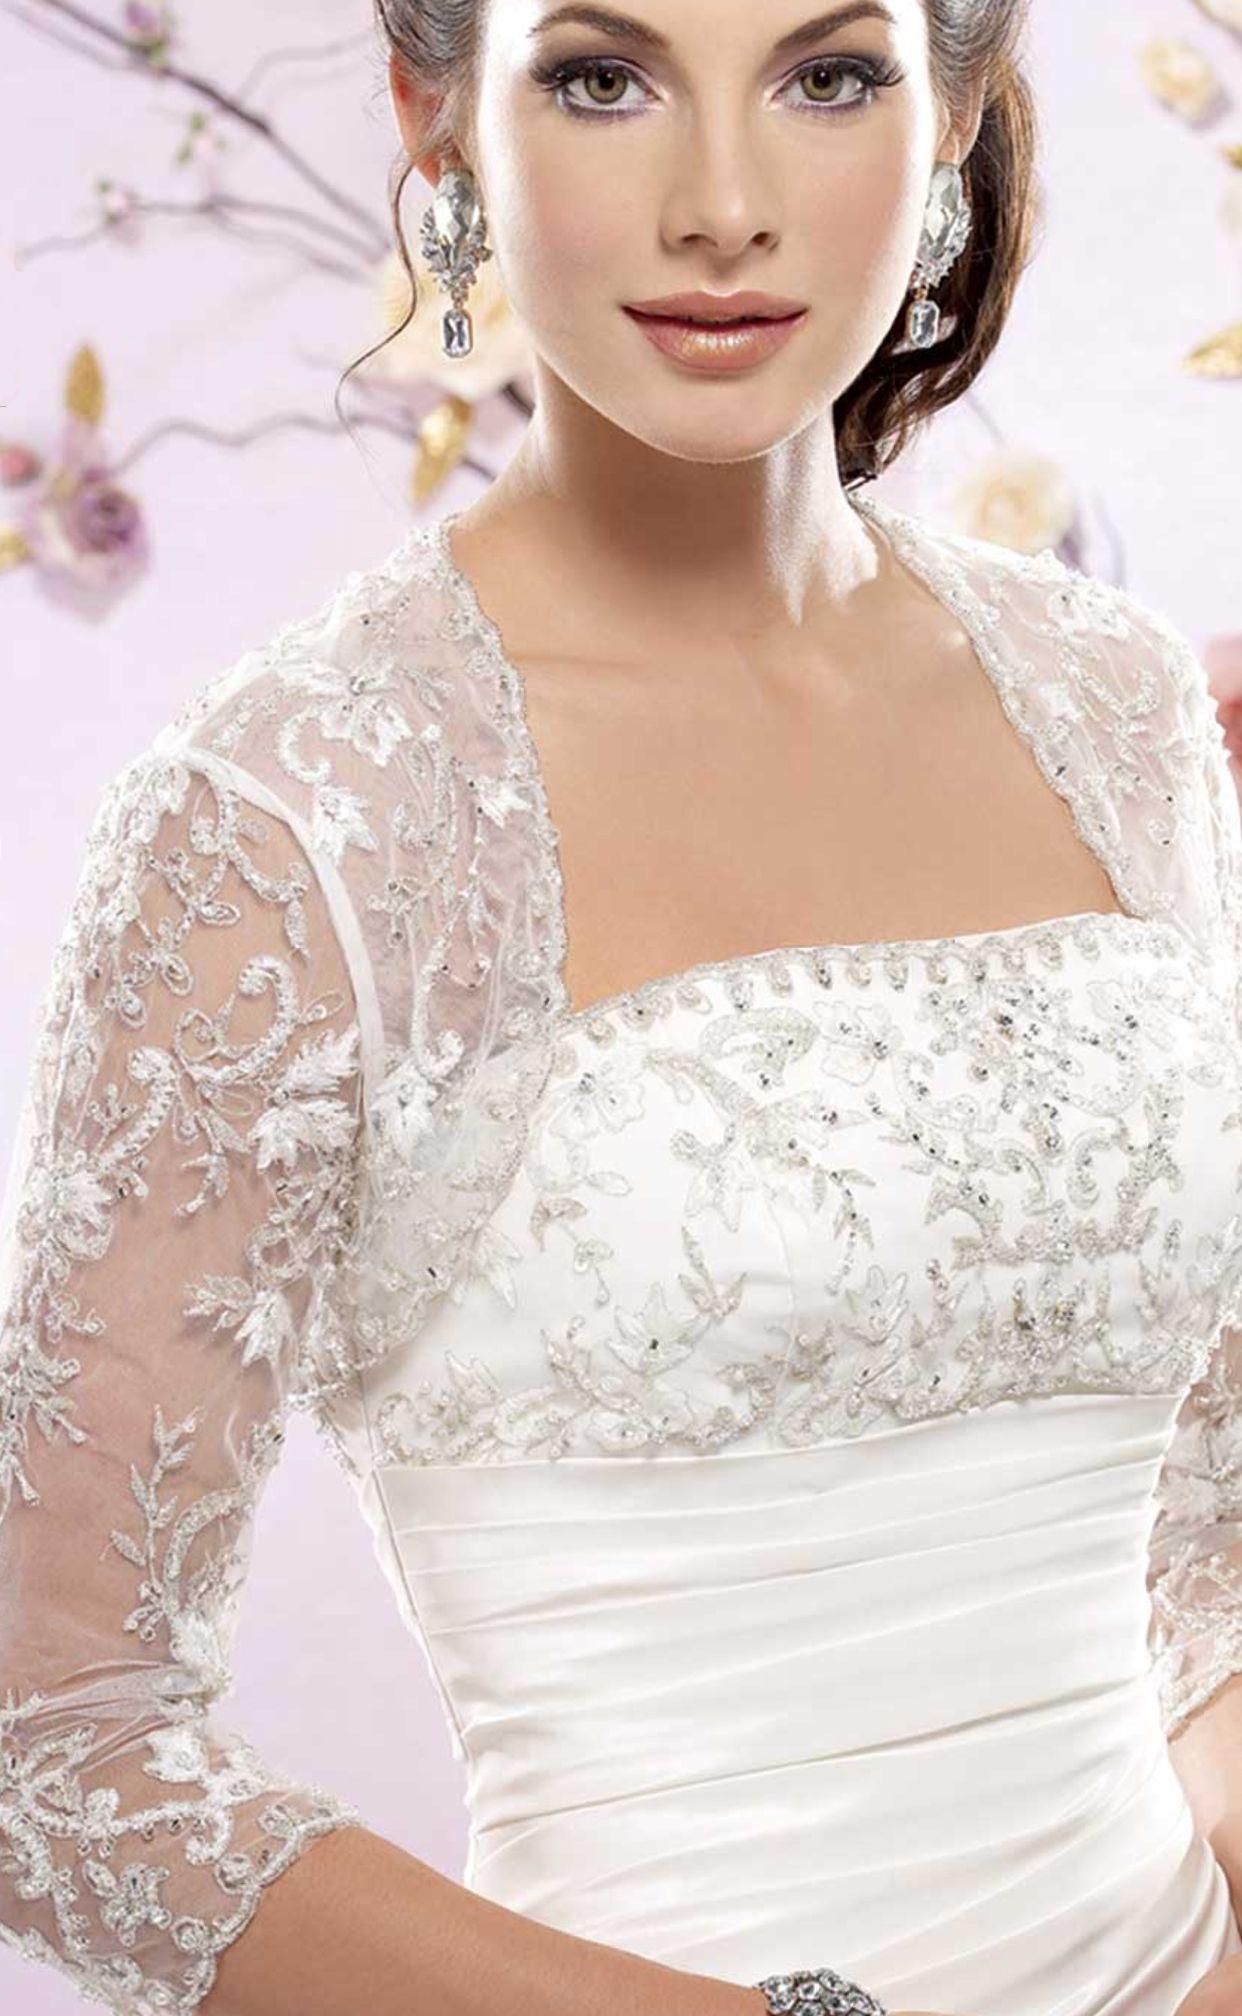 Wedding Wedding Jackets elegant waist length white satin wedding jacketsj 11 2017 bride 17 best images about lace jackets on pinterest jacket winter dresses and jackets